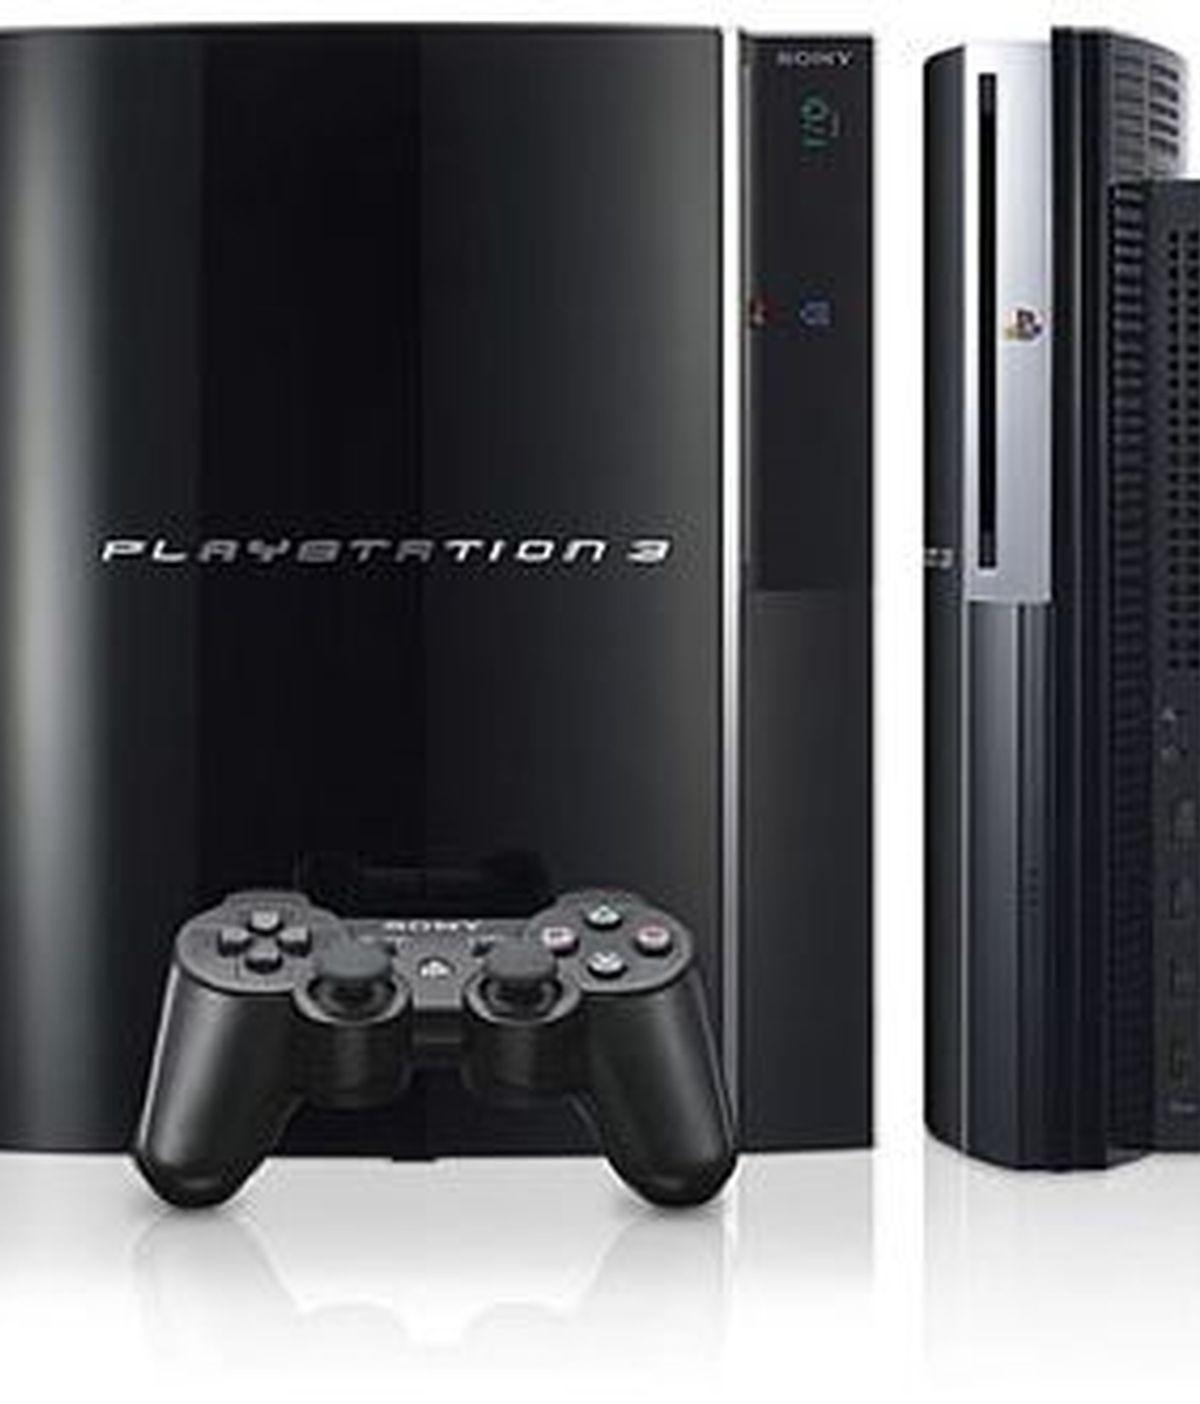 Los códigos de seguridad de la PlayStation 3 fueron publicados en internet. Ahora la Sony ha emprendido acciones legales contra los hackers. Foto archivo